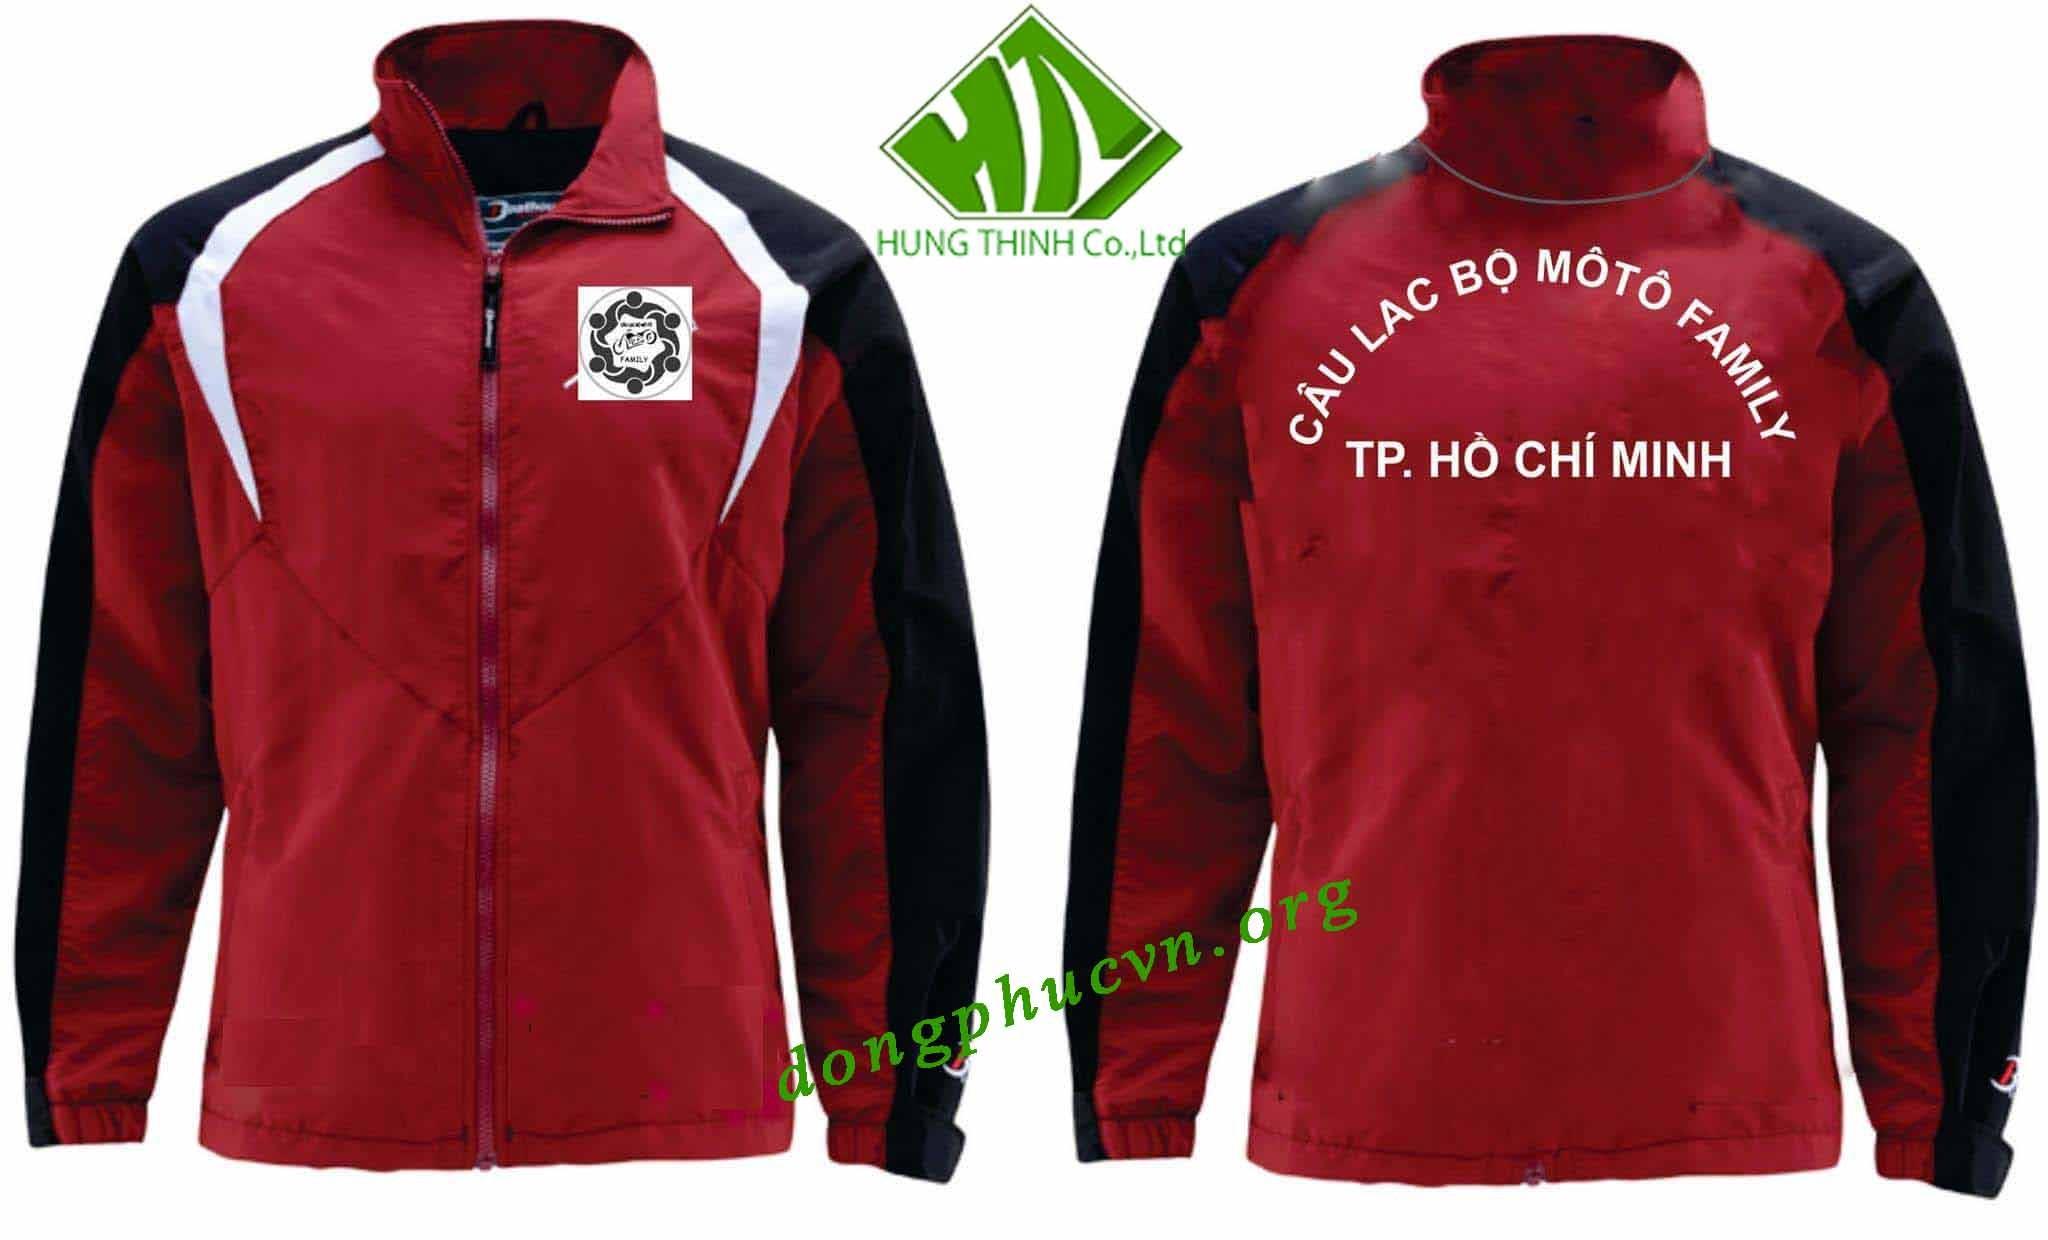 Xưởng may áo khoác giá rẻ Nhiều mẫu mã đẹp Ảnh số 43134045